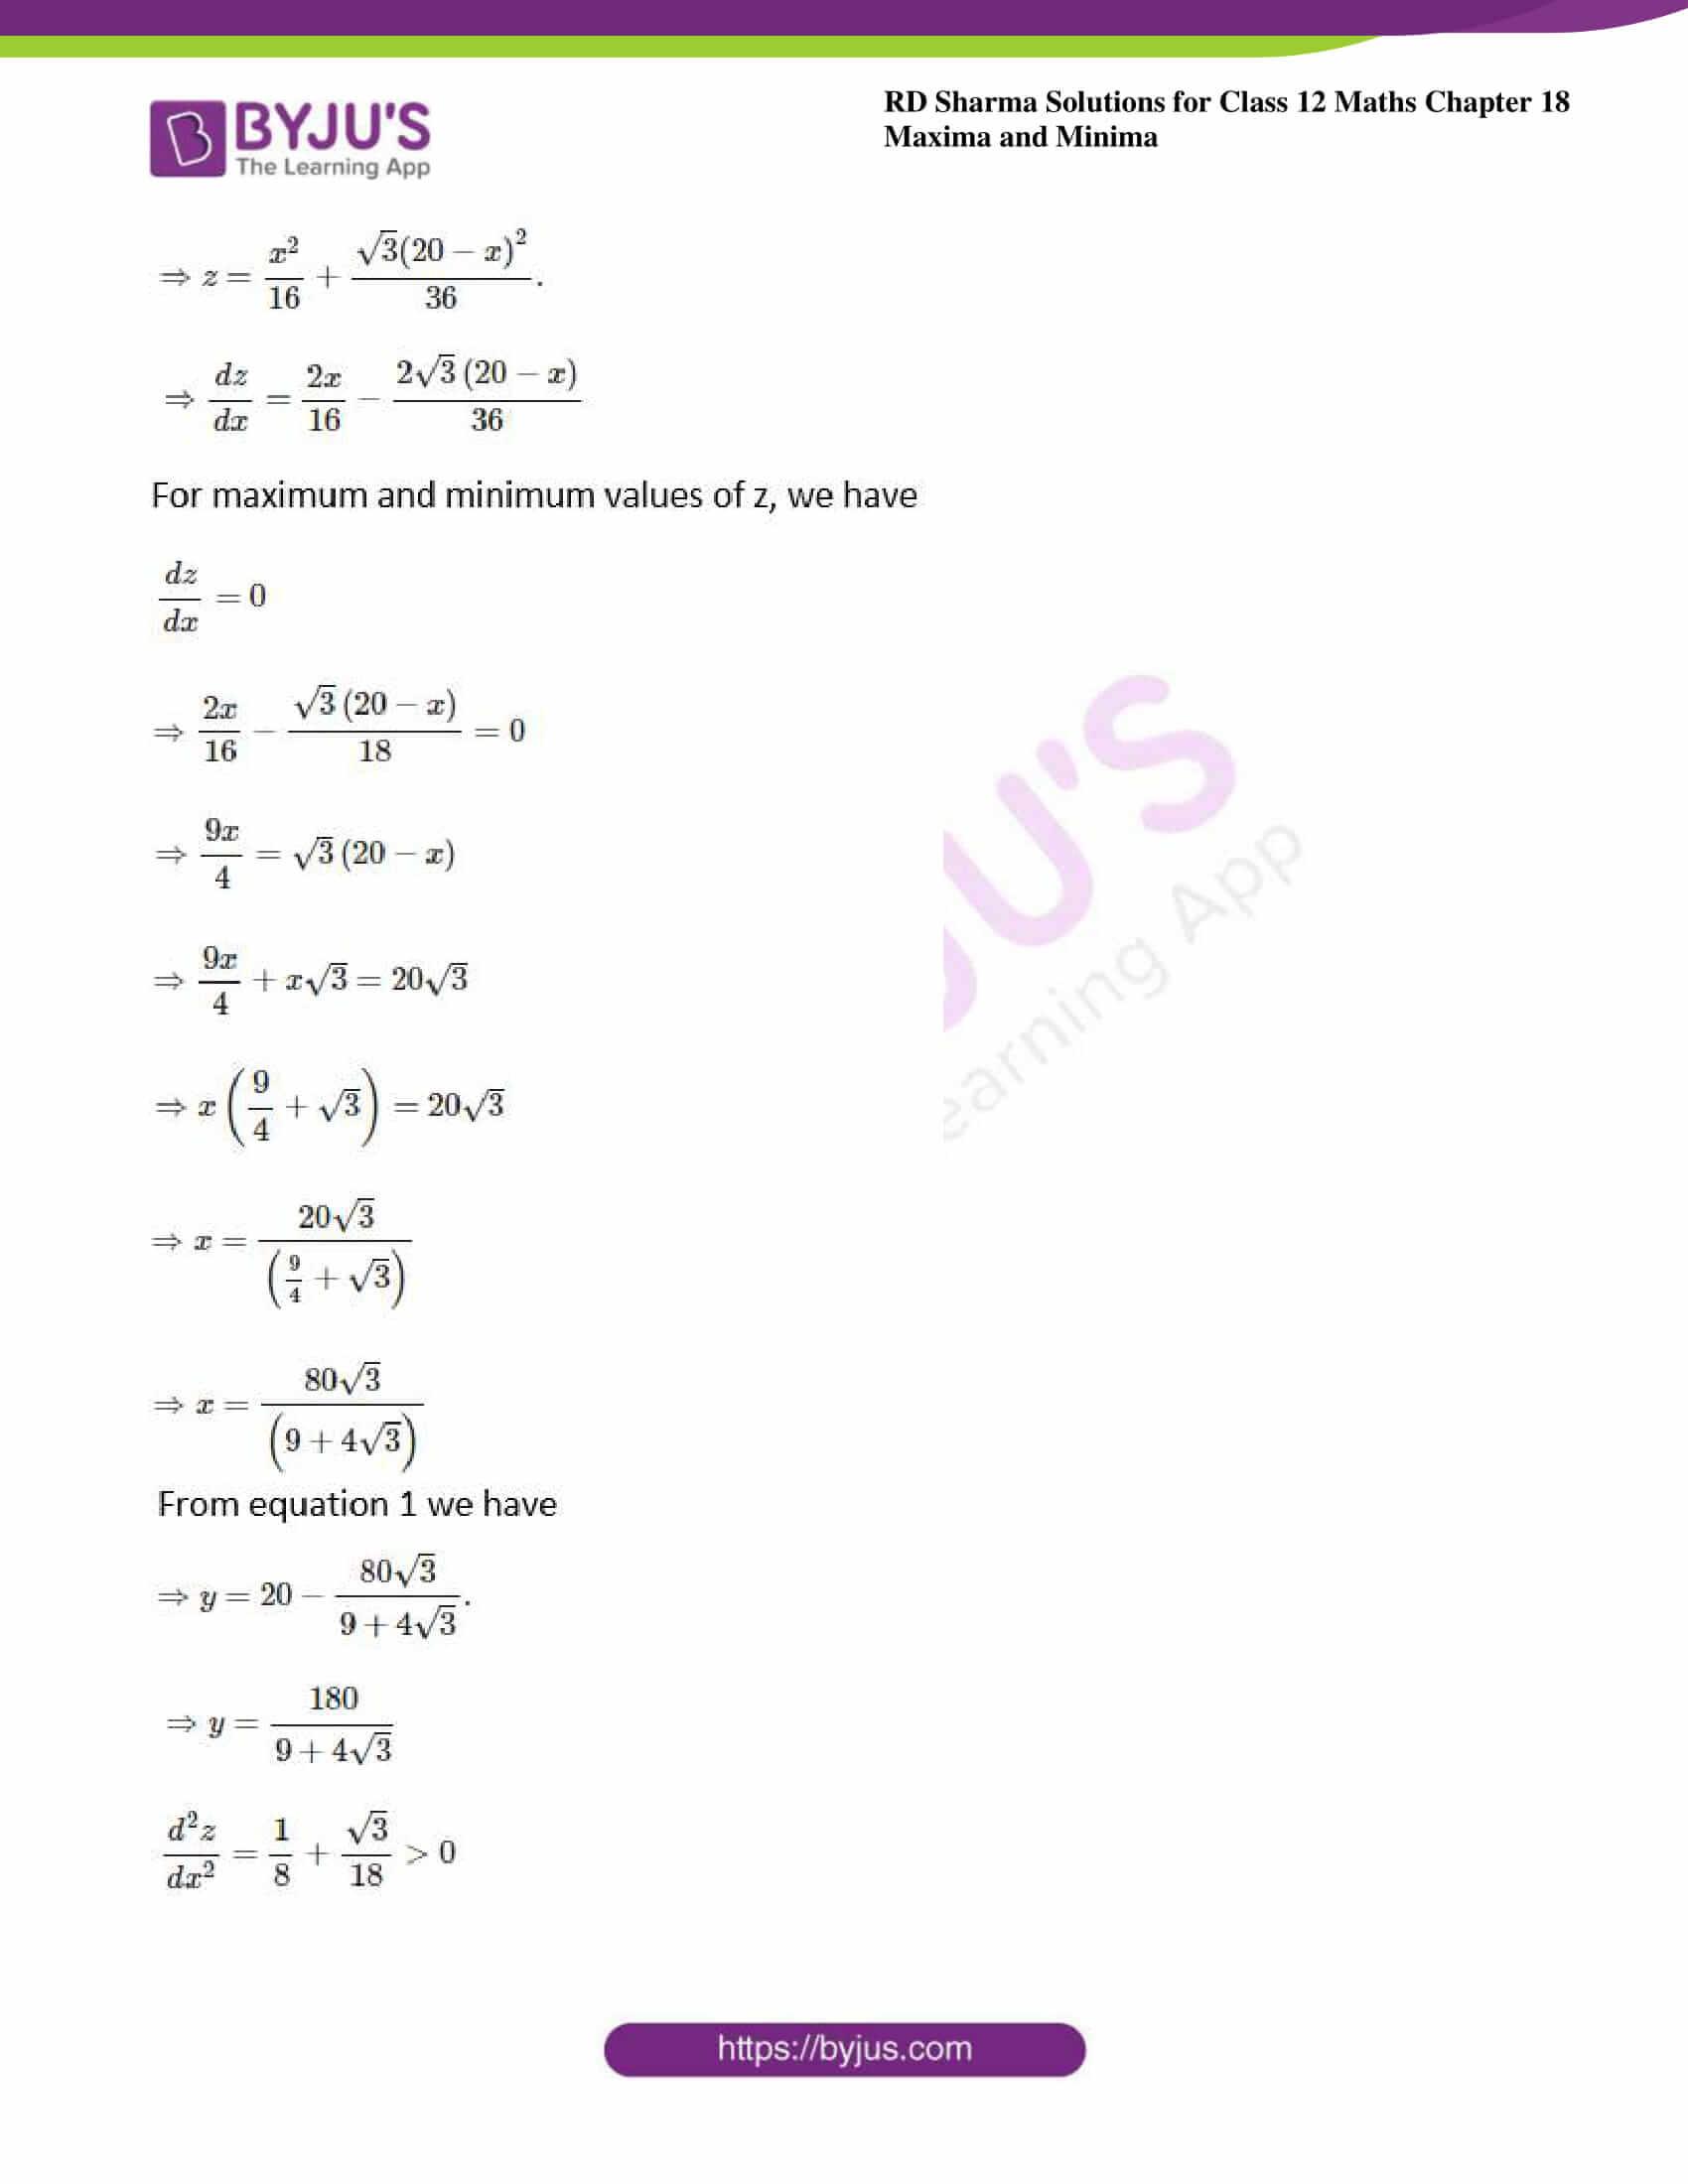 rd sharma class 12 maths solutions chapter 18 ex 5 10